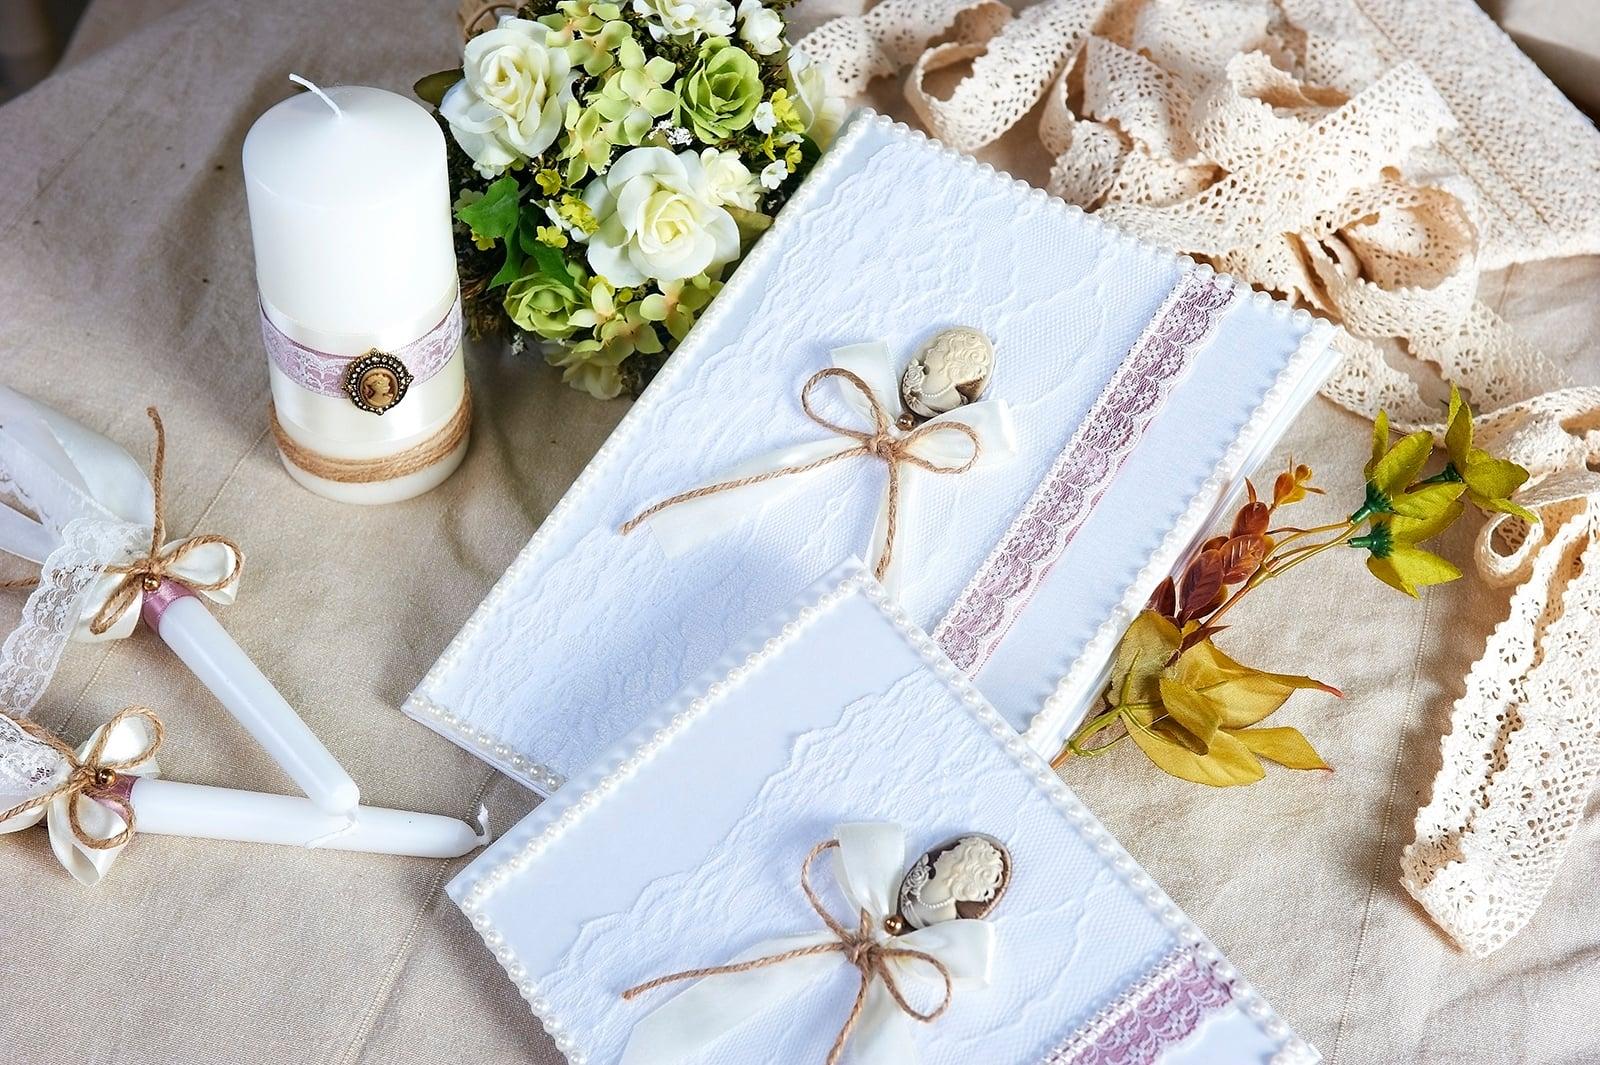 Свадебный набор с отделкой белым кружевом и небольшими камеями.